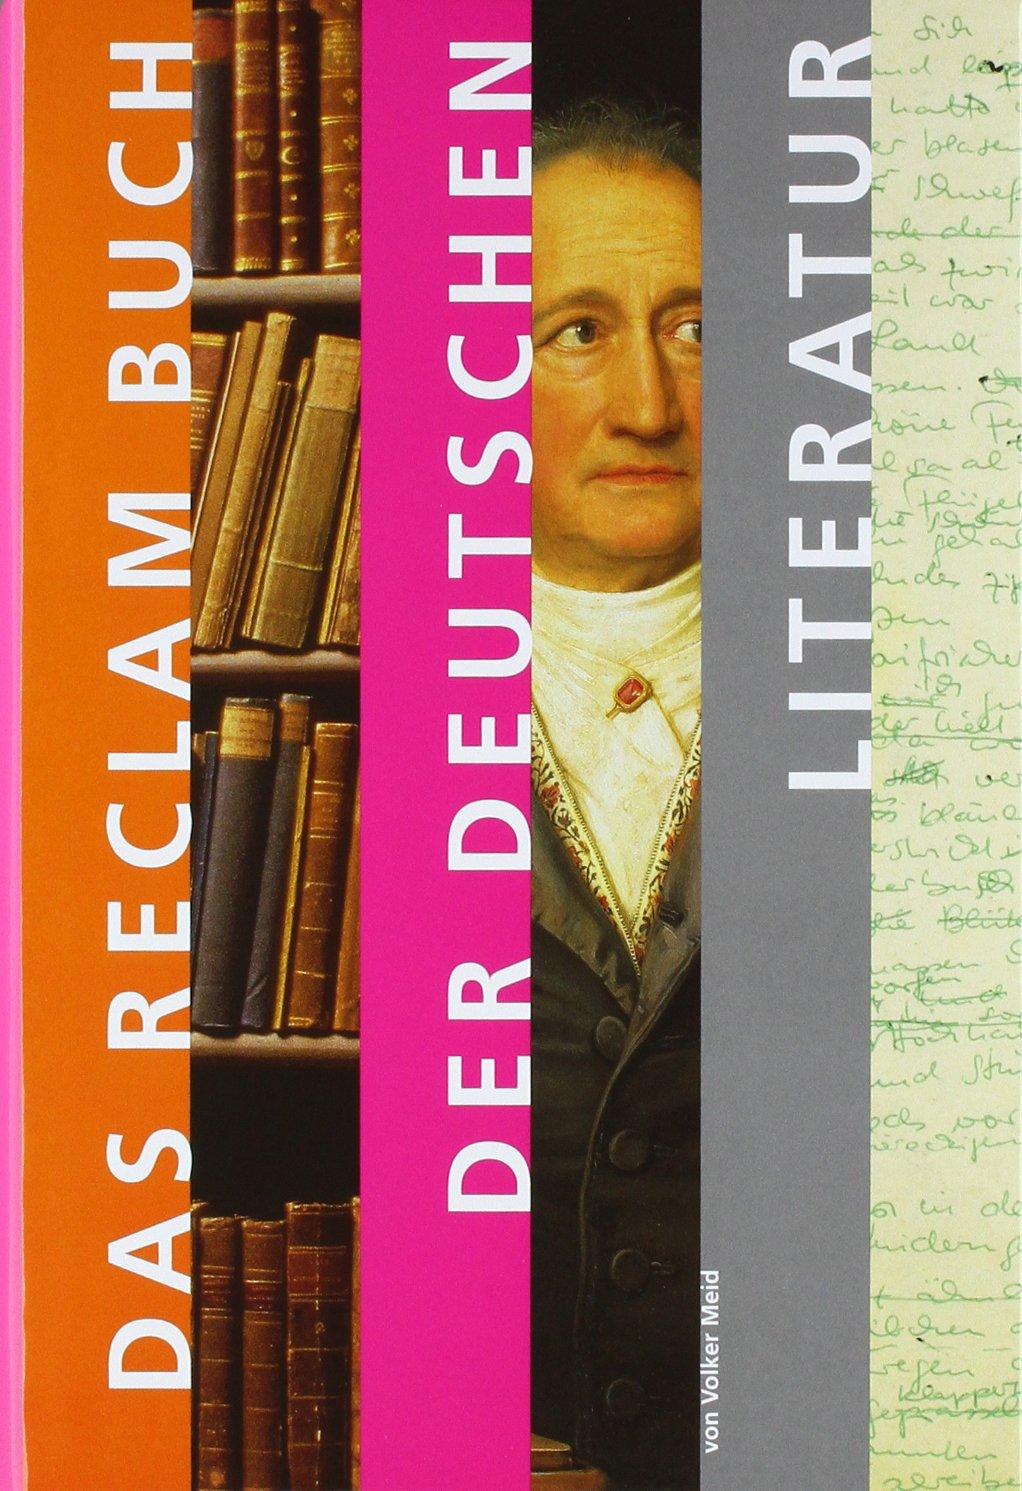 Das Reclam Buch der deutschen Literatur: Volker Meid ...